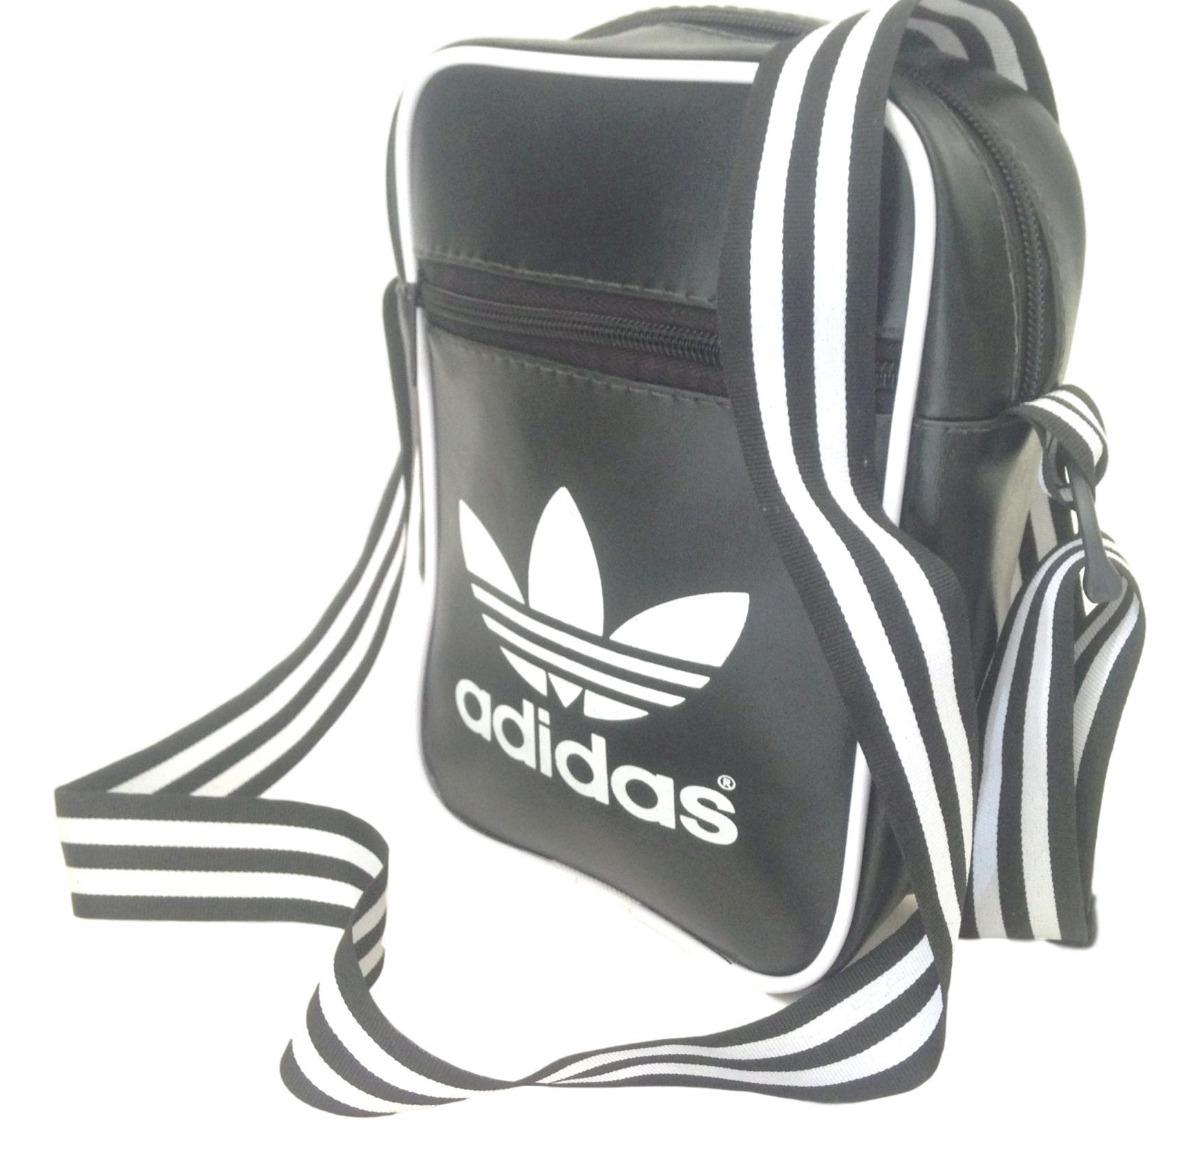 713e377f9 Bolsa adidas Pequena - R$ 55,00 em Mercado Livre